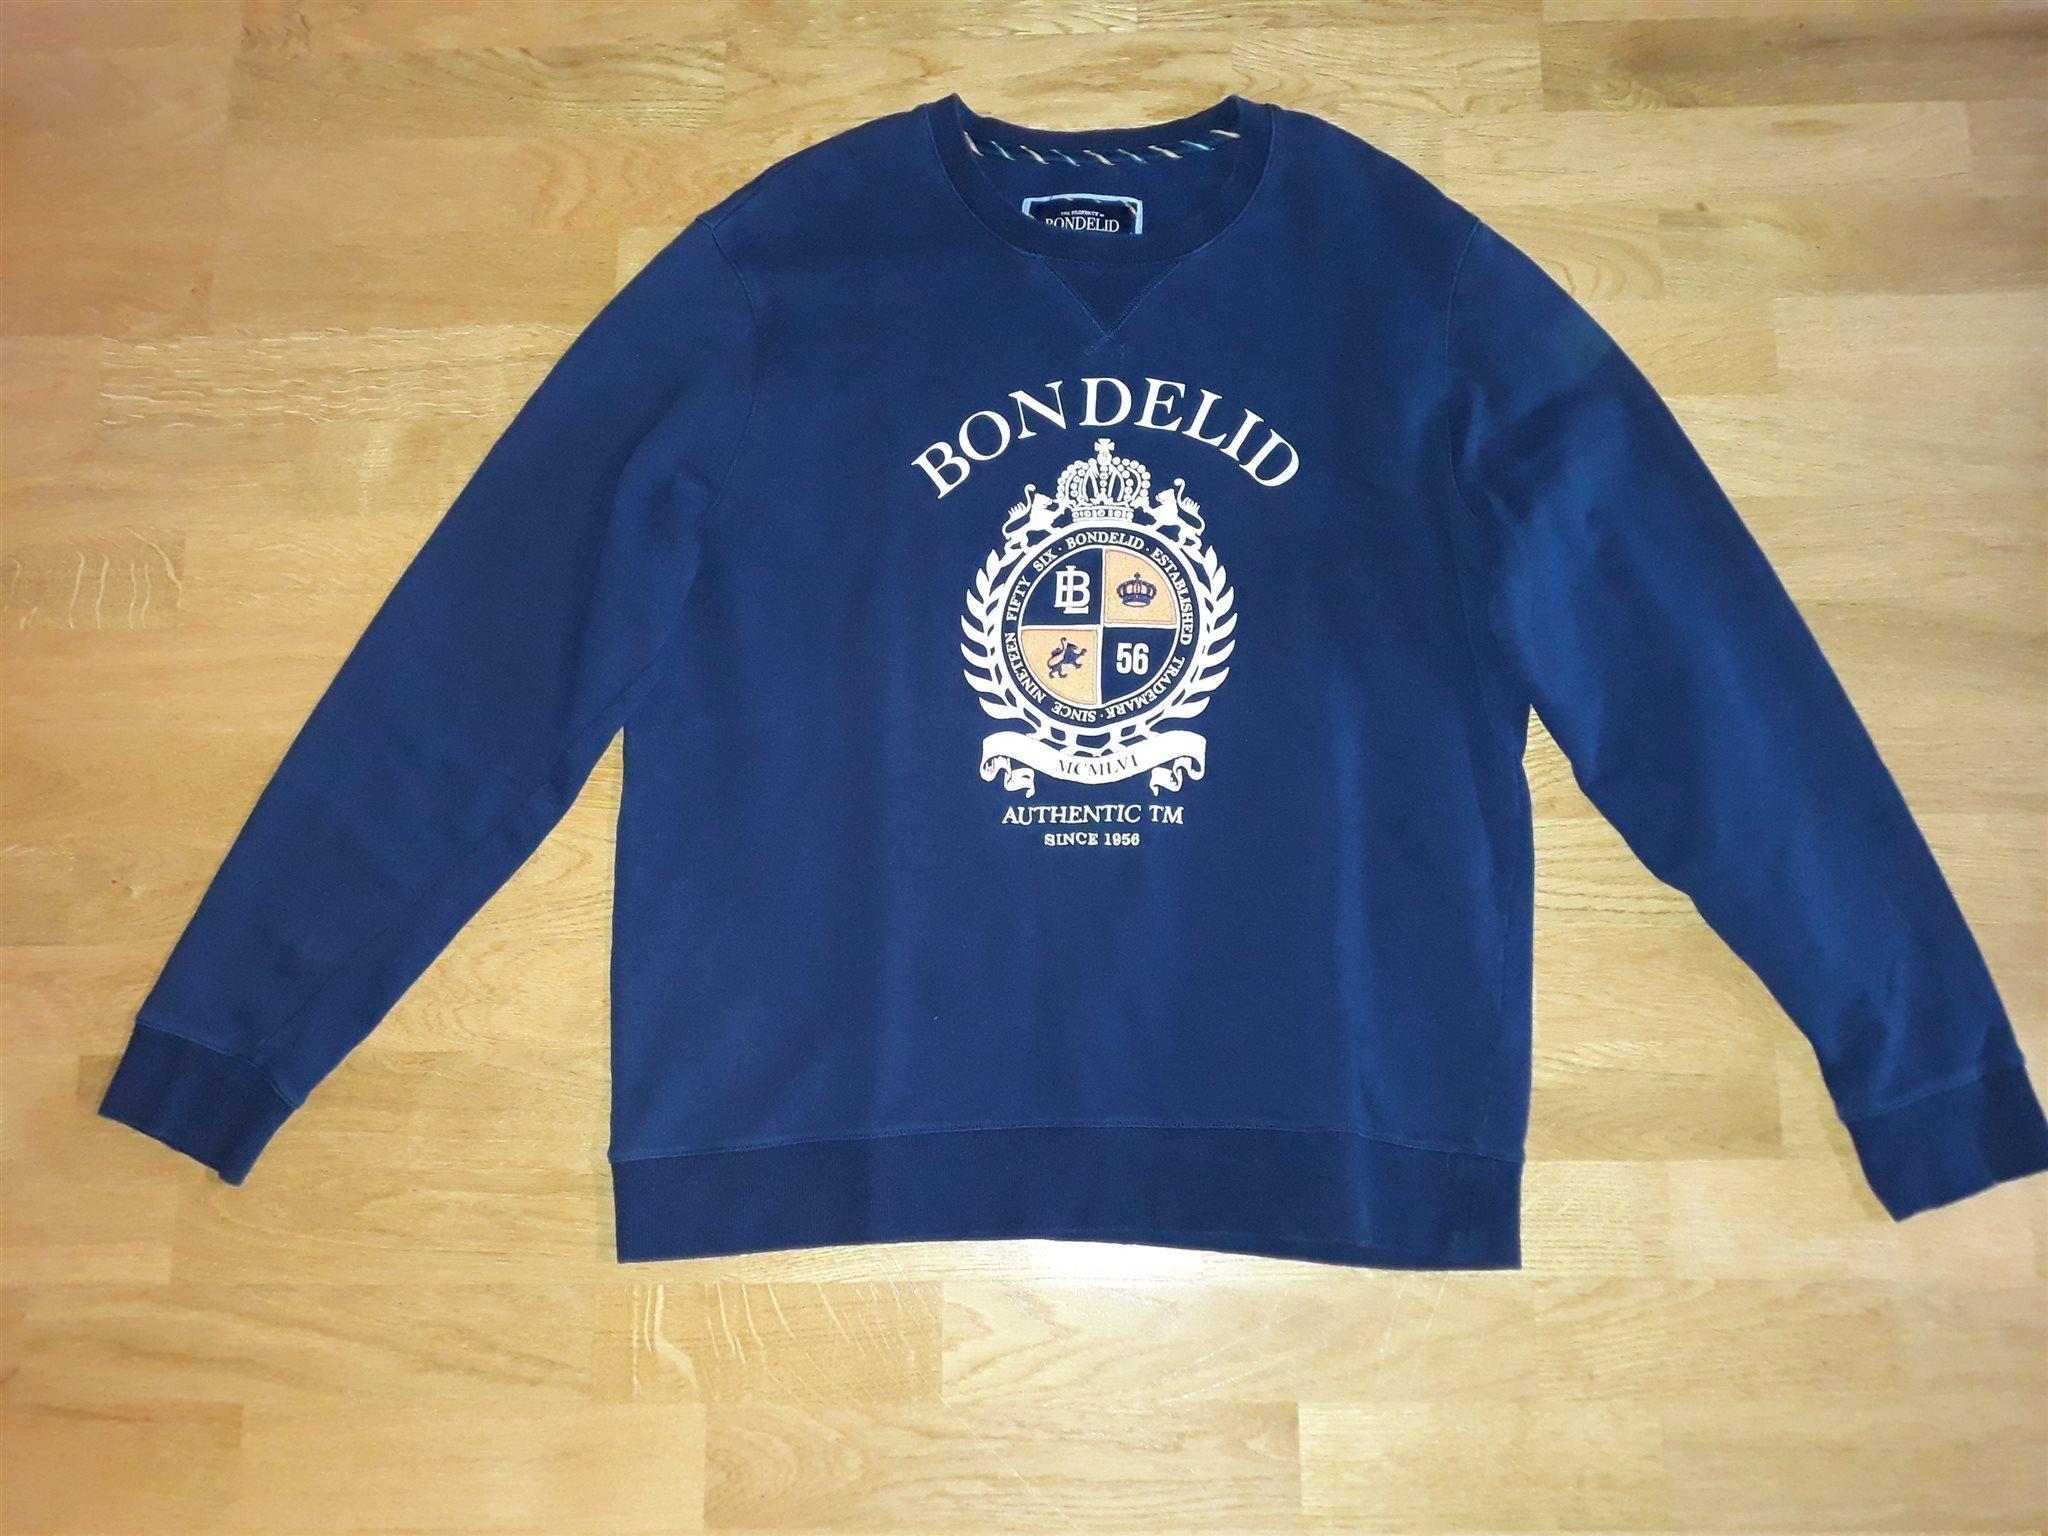 bf8fb81cfca3 Bondelid tröja, str. XL (340763201) ᐈ Köp på Tradera